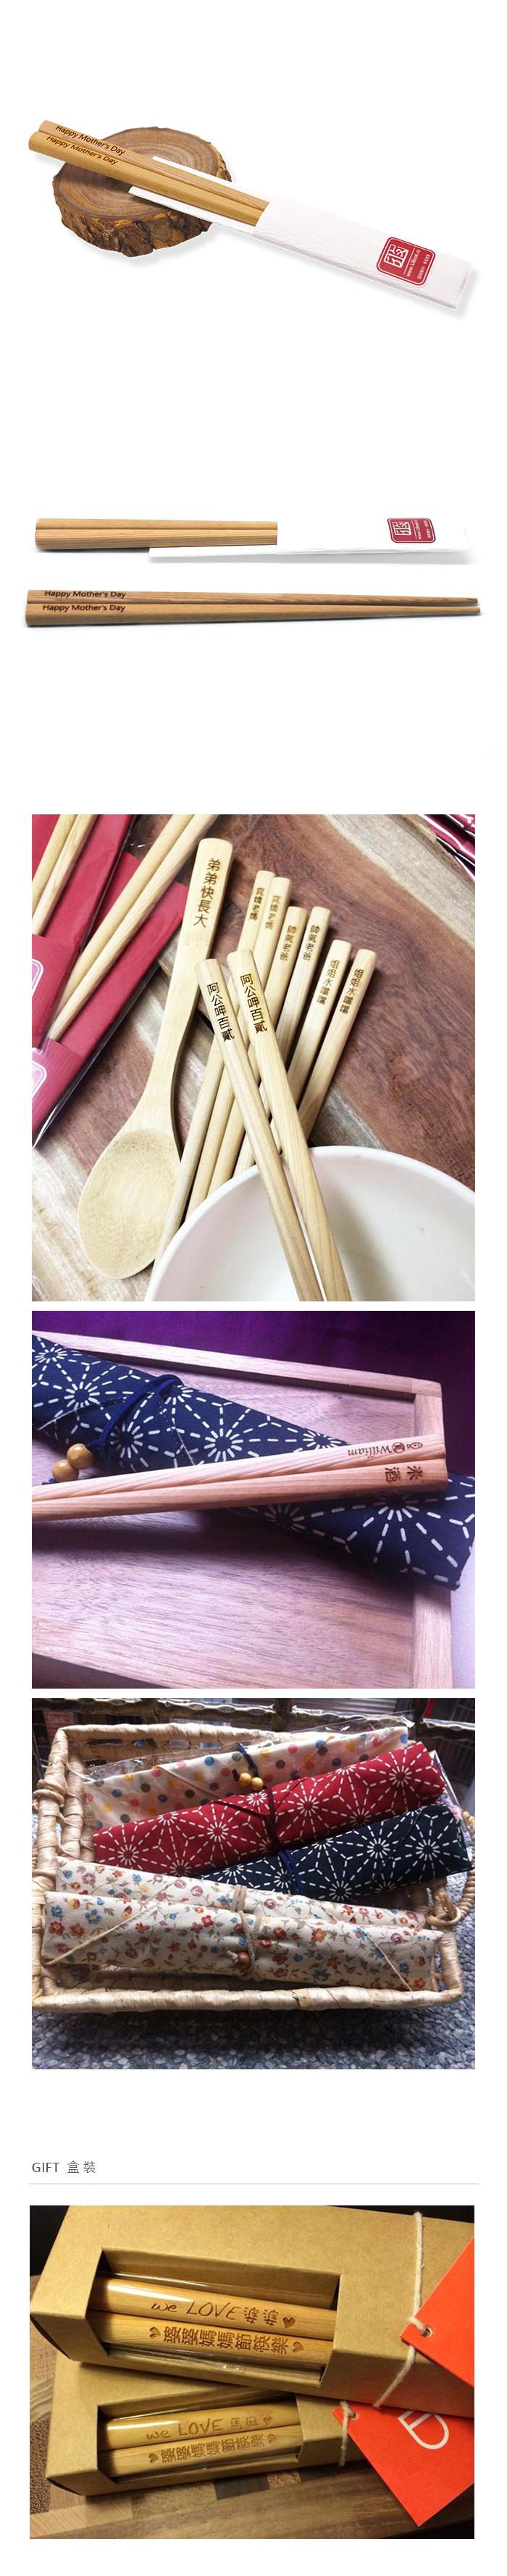 攸 UBook 可客製化 台灣檜木原木筷+布套組 (價格包含5字內雷雕費用)